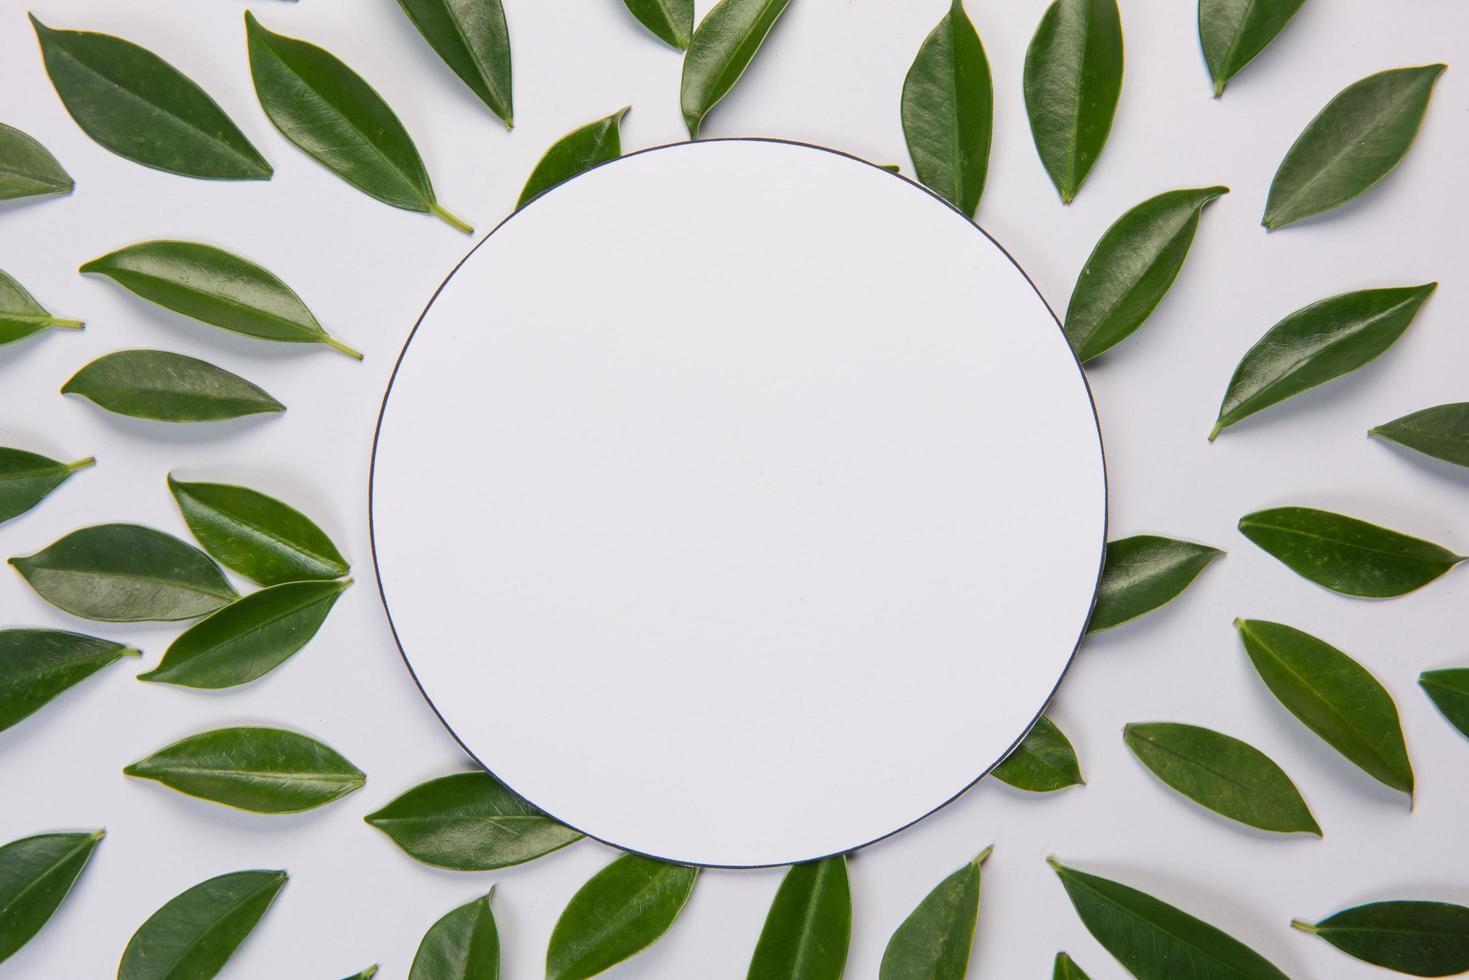 feuilles sur fond blanc avec un espace pour le texte photo